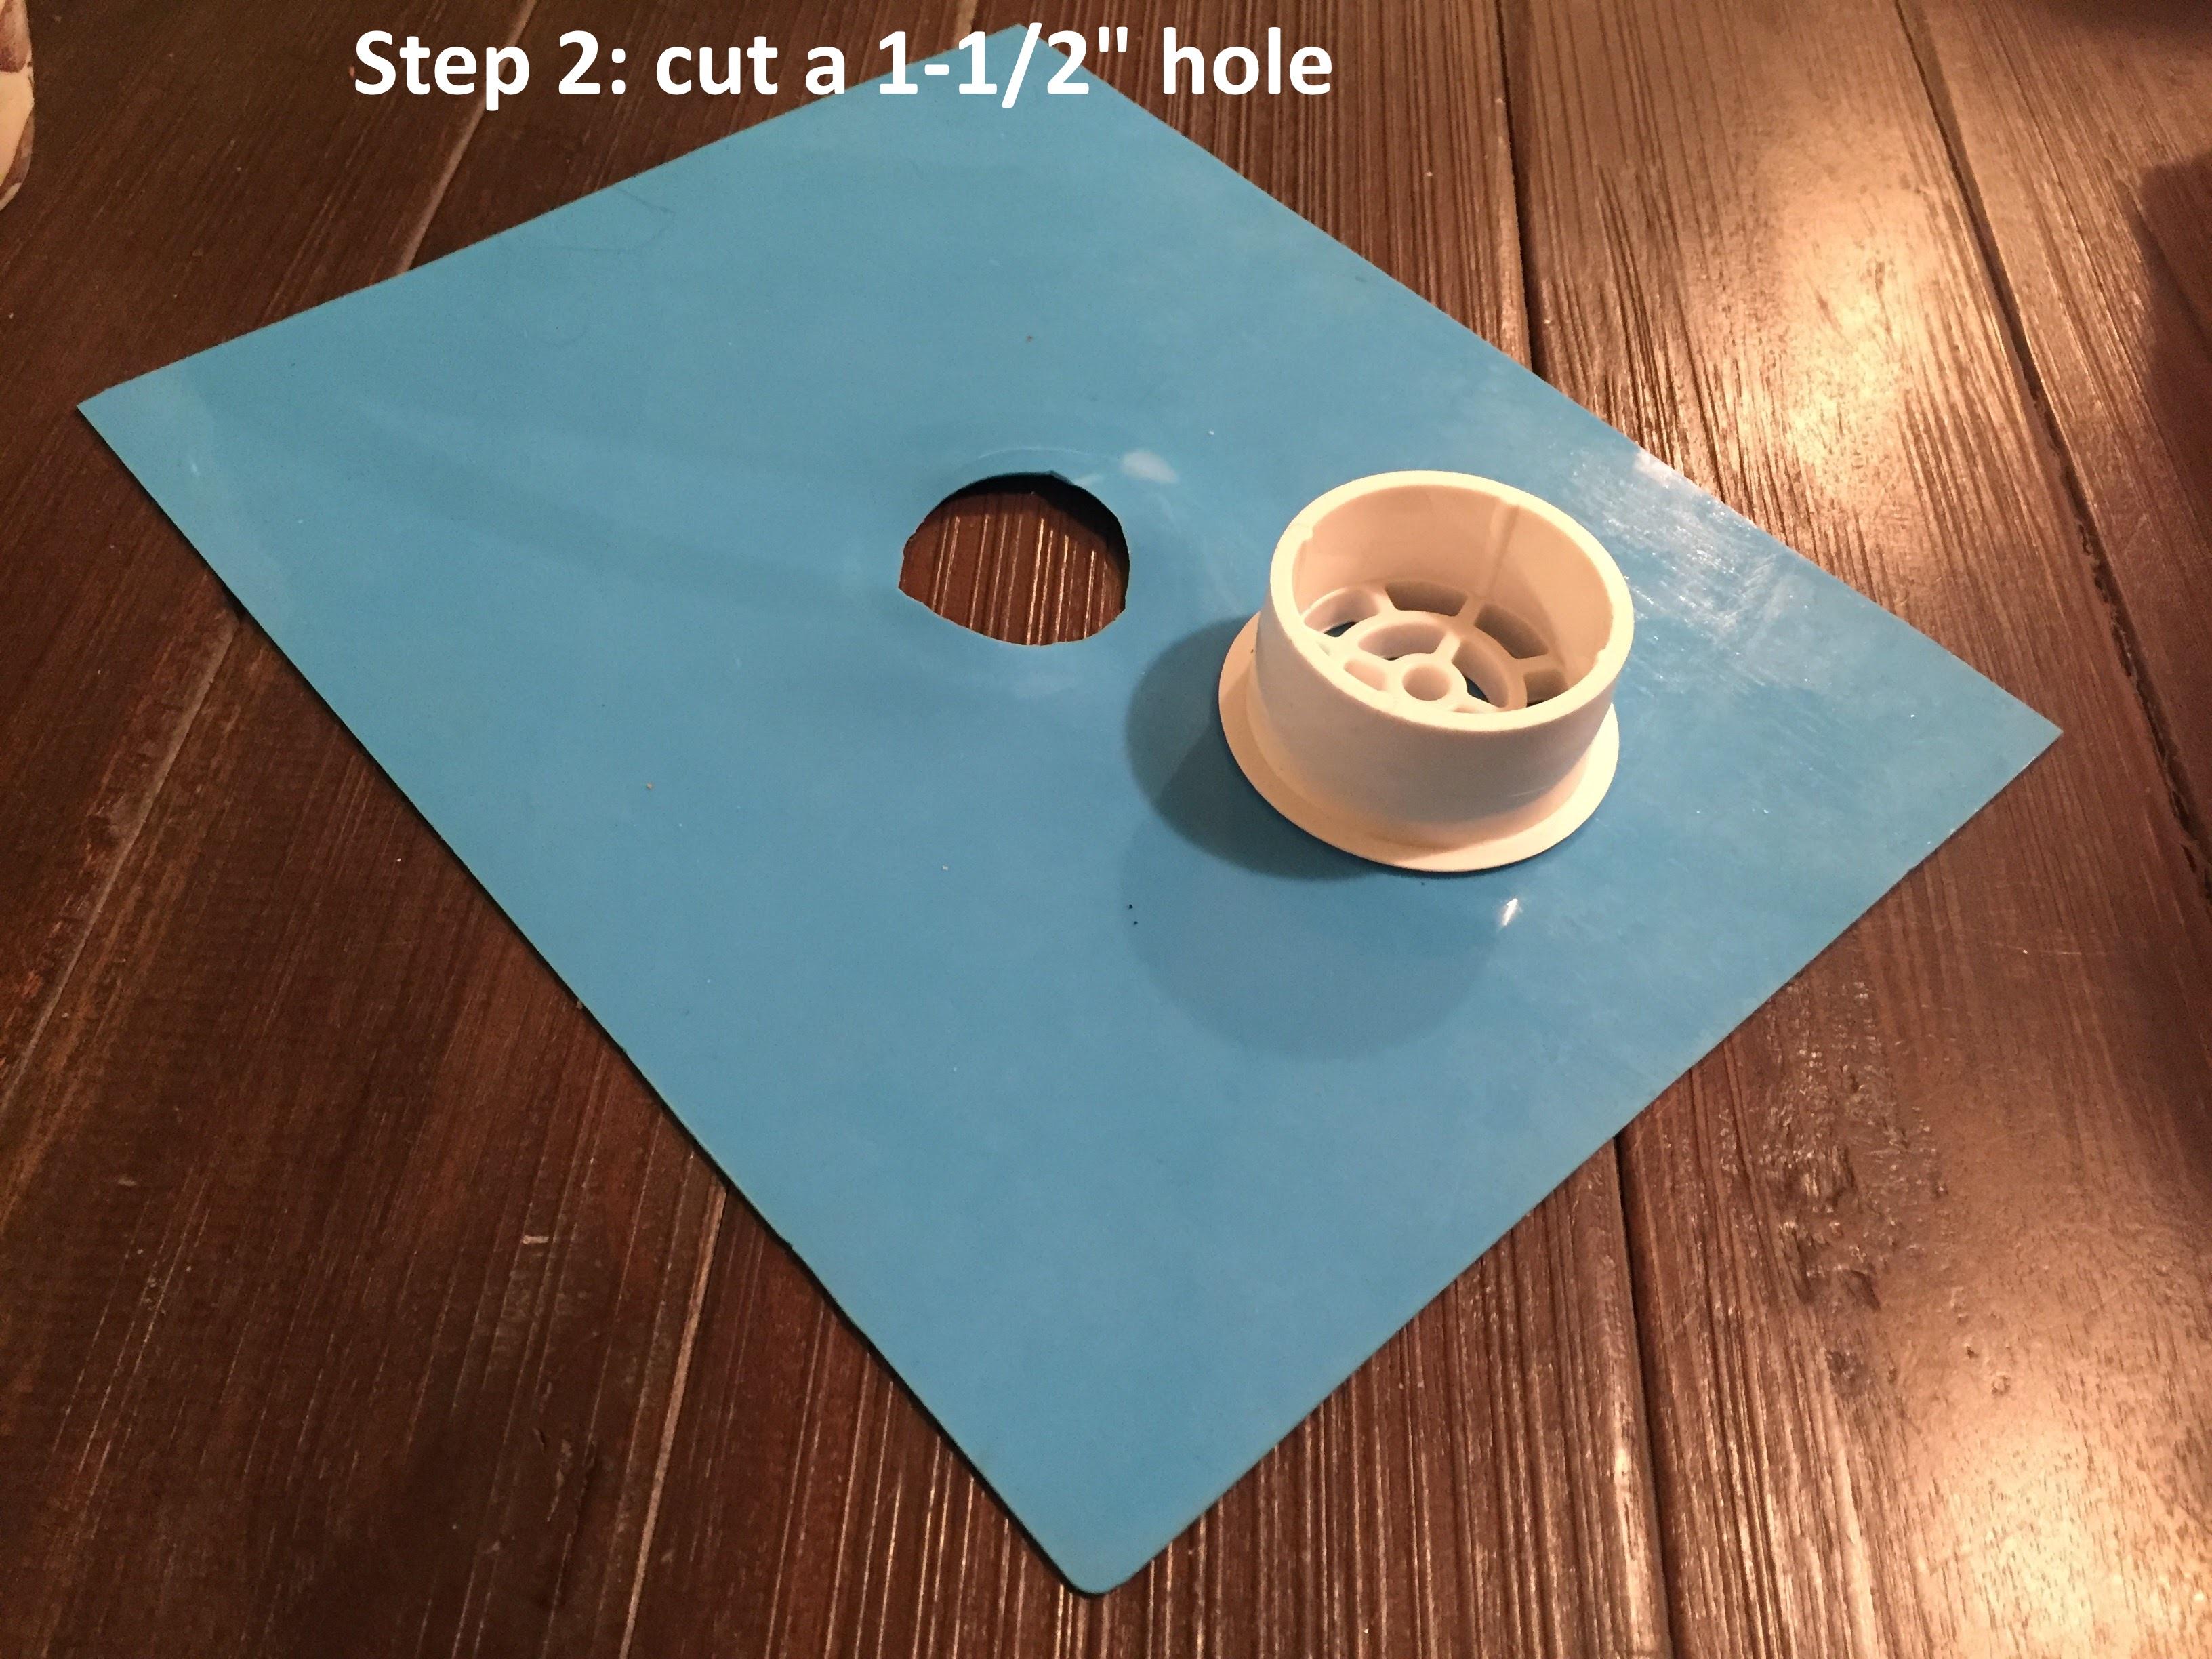 How to flood test a tiled shower - StarTribune.com